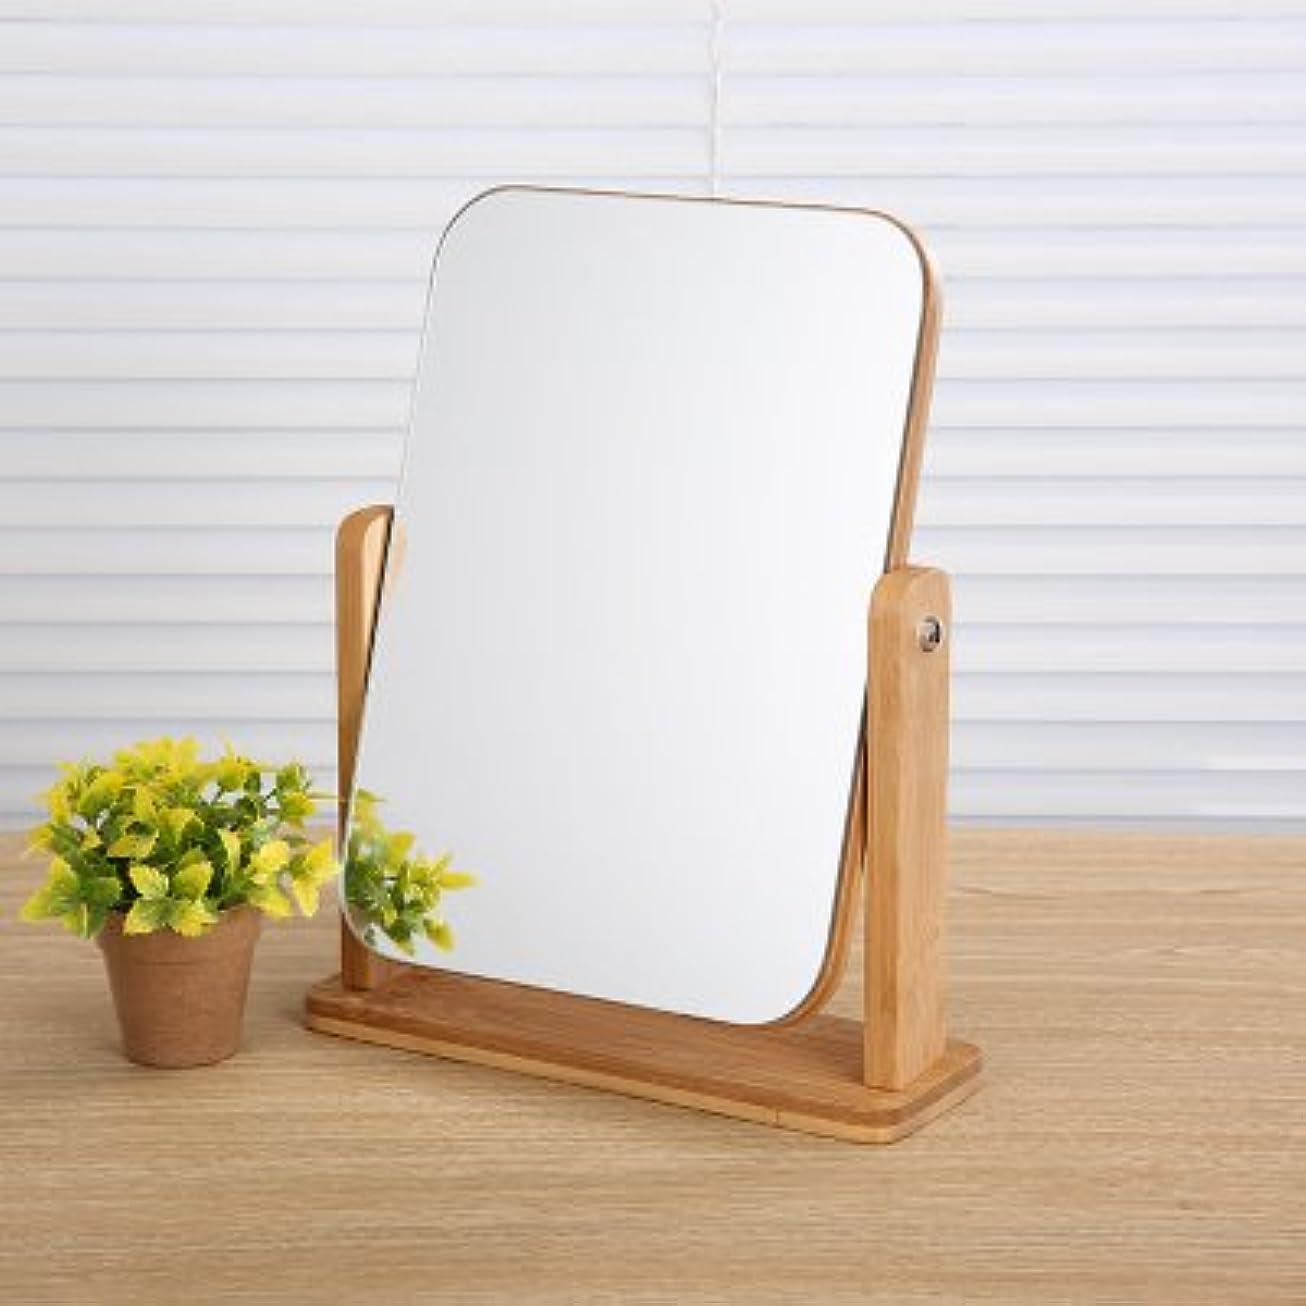 博物館肉懺悔角度調節可能 木枠 コンパクト メイクミラー 卓上ミラー 化粧鏡